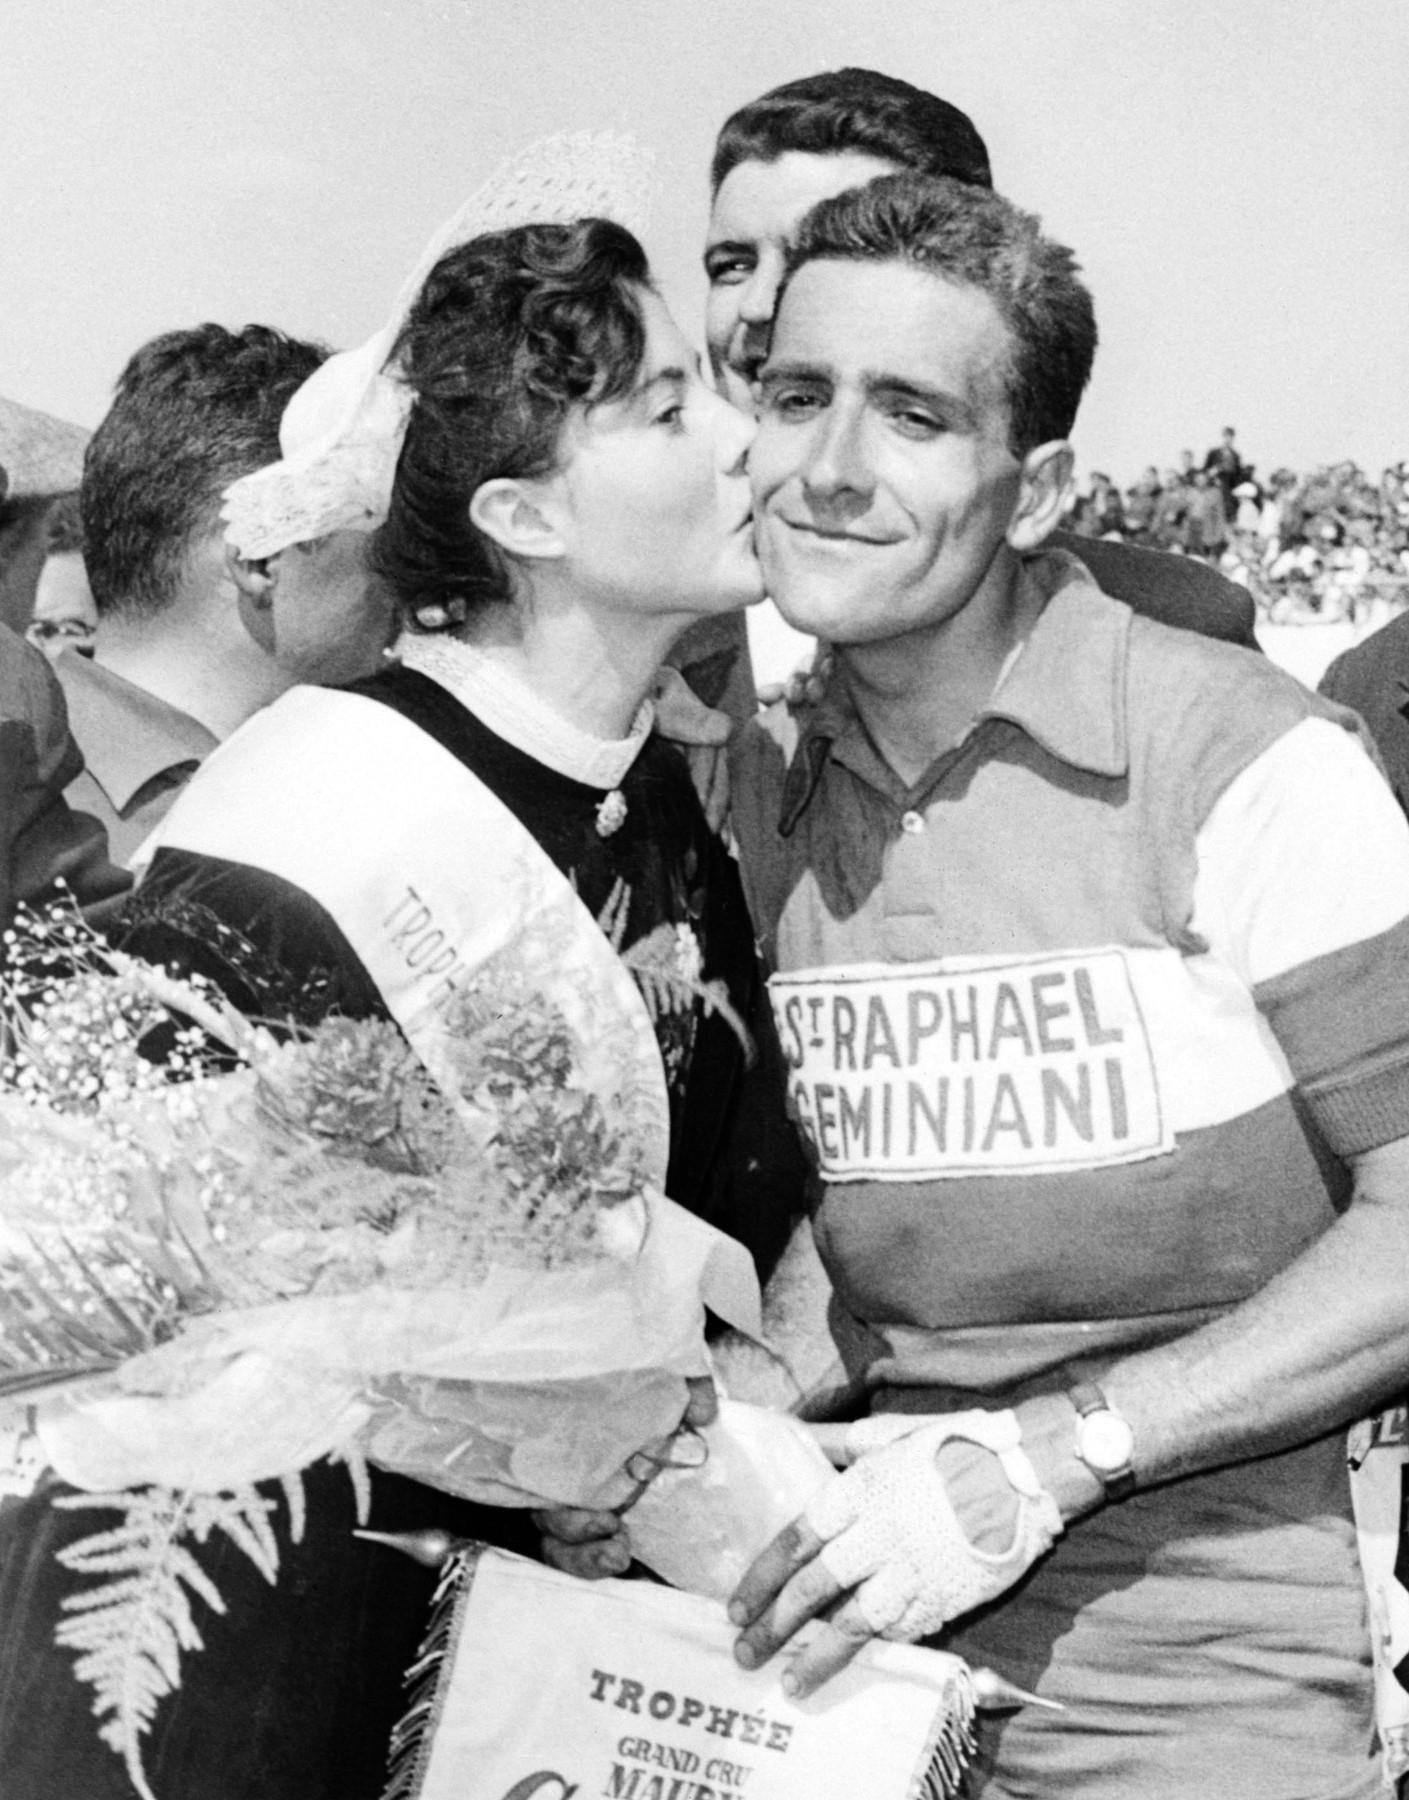 Roger Rivière, francouzský cyklista, prožívá okamžik nebývalé radosti po etapovém vítězství na Tour de France 1960. Vše se má brzy změnit... Foto: profimedia